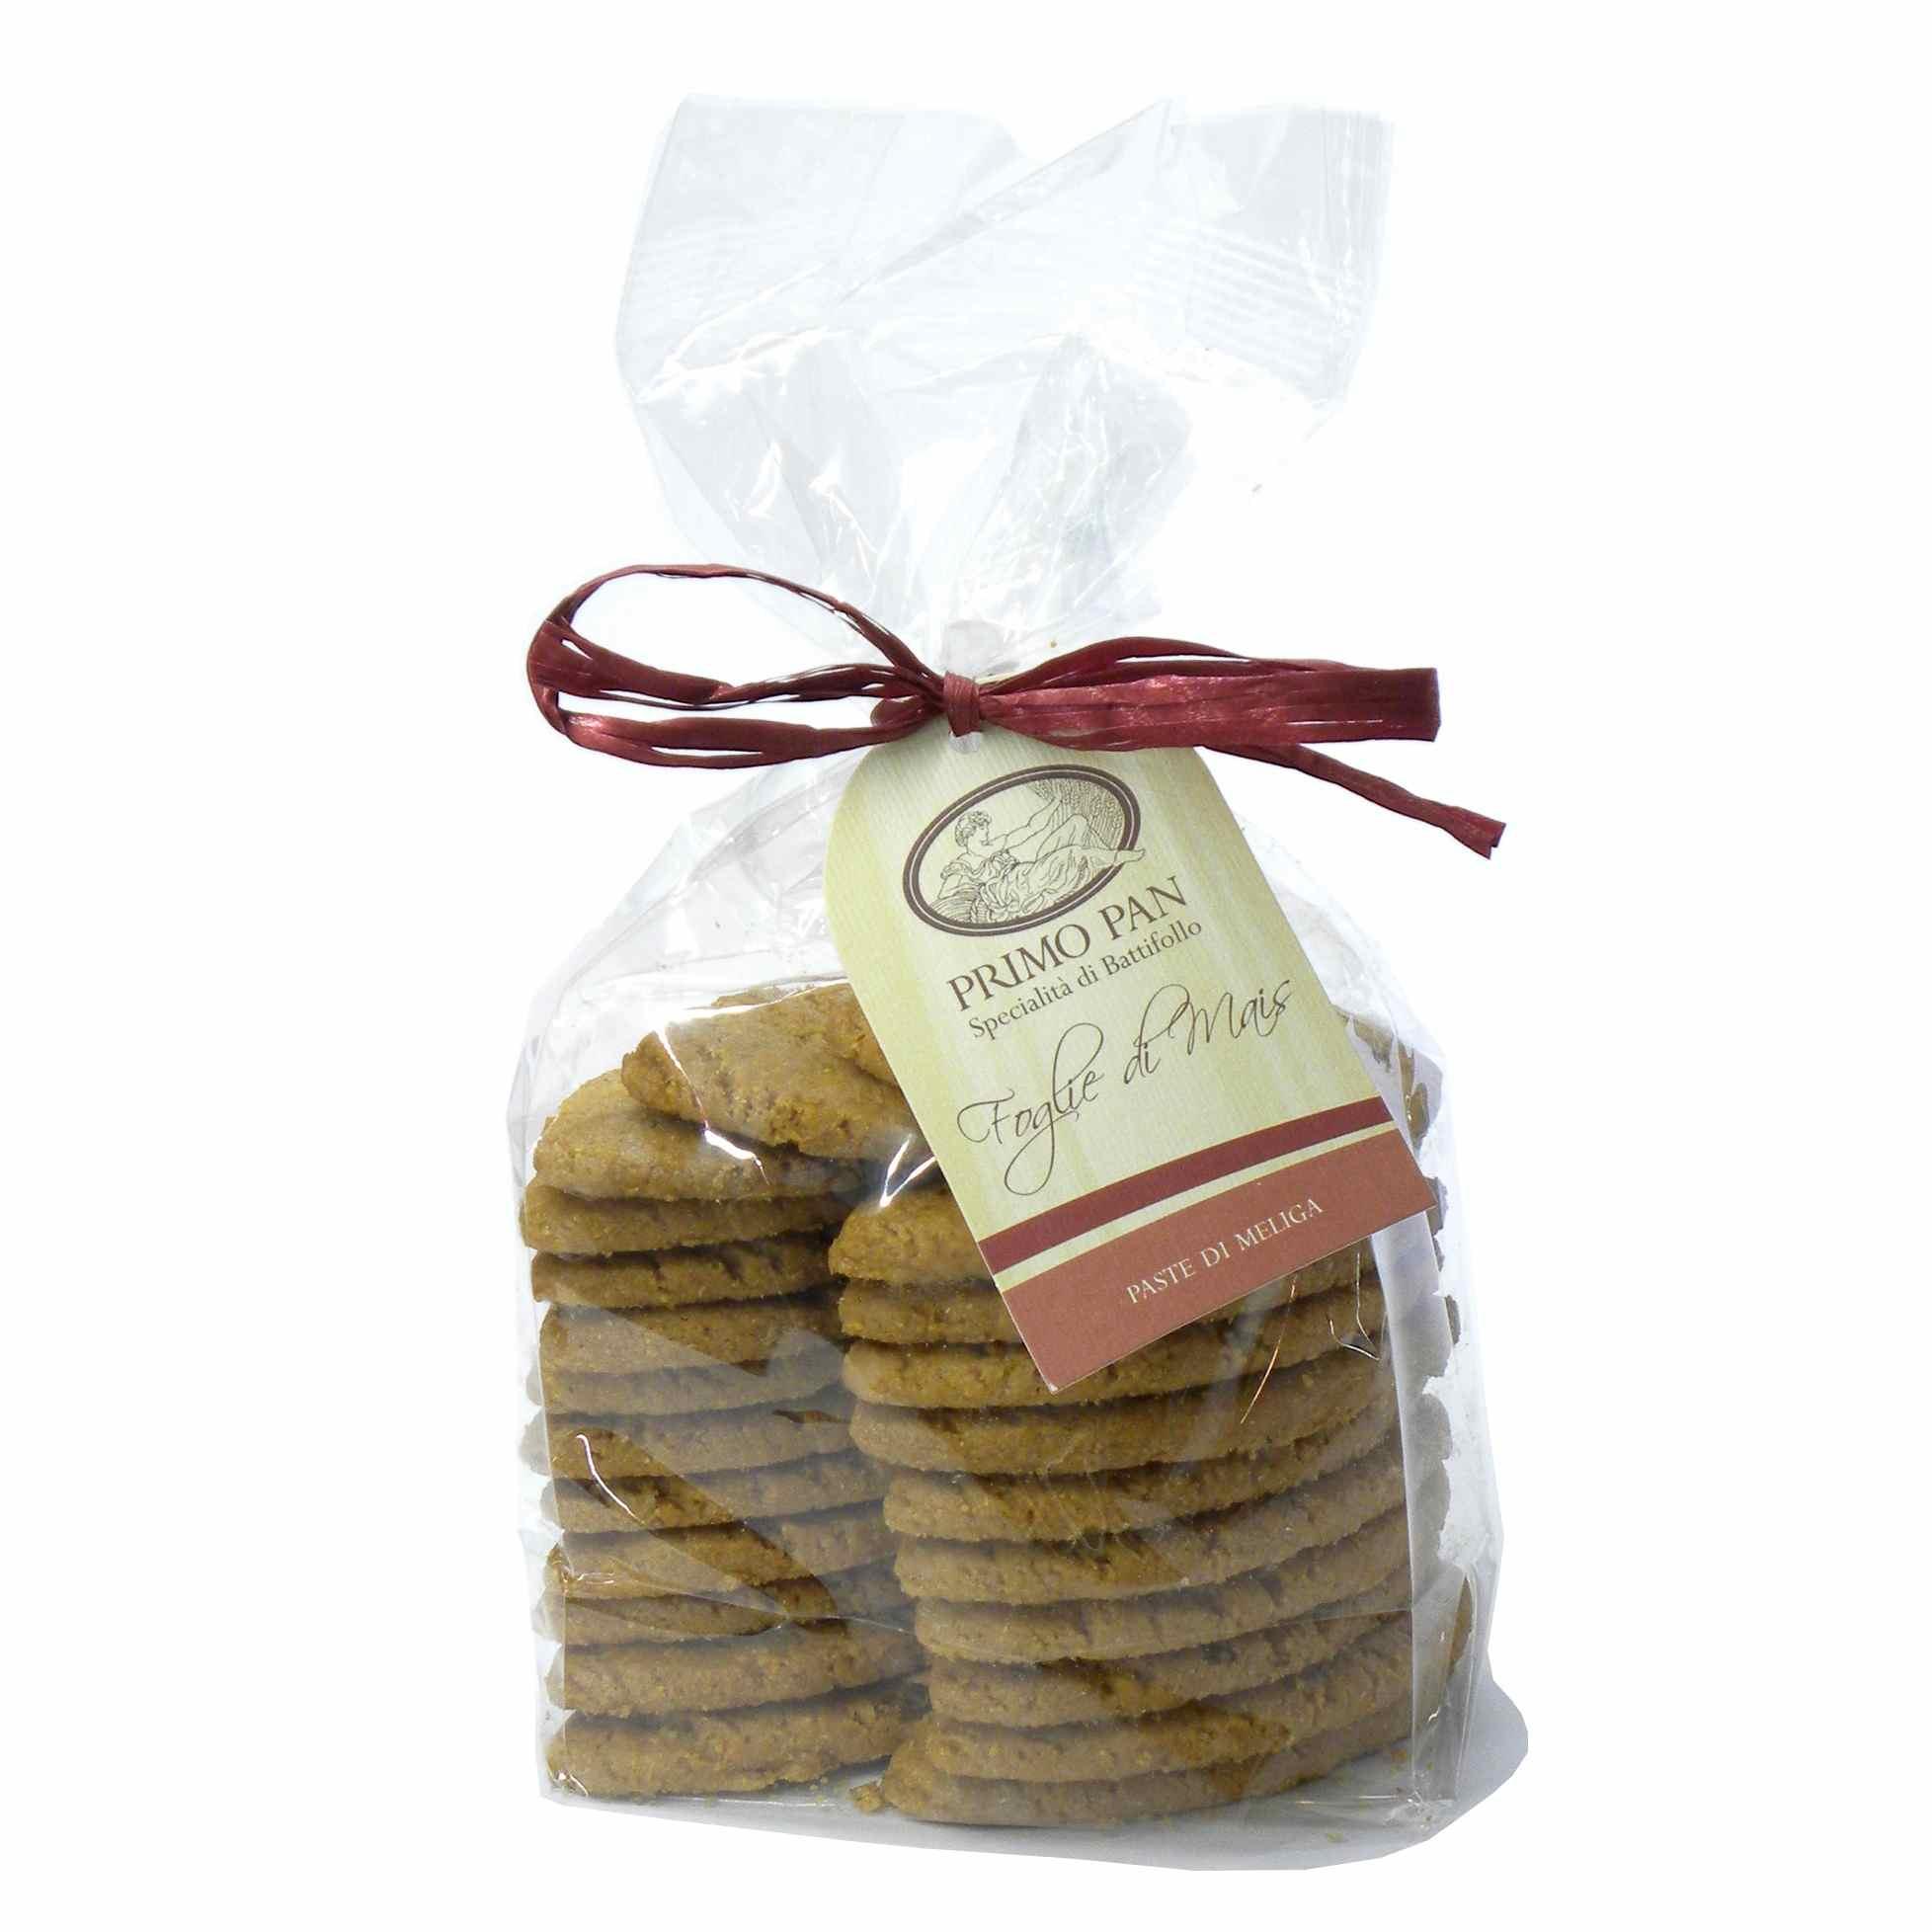 Primo Pan Meliga Mais Biscotti – Primo Pan Meliga Mais Biscuits – Gustorotondo – Italian food boutique